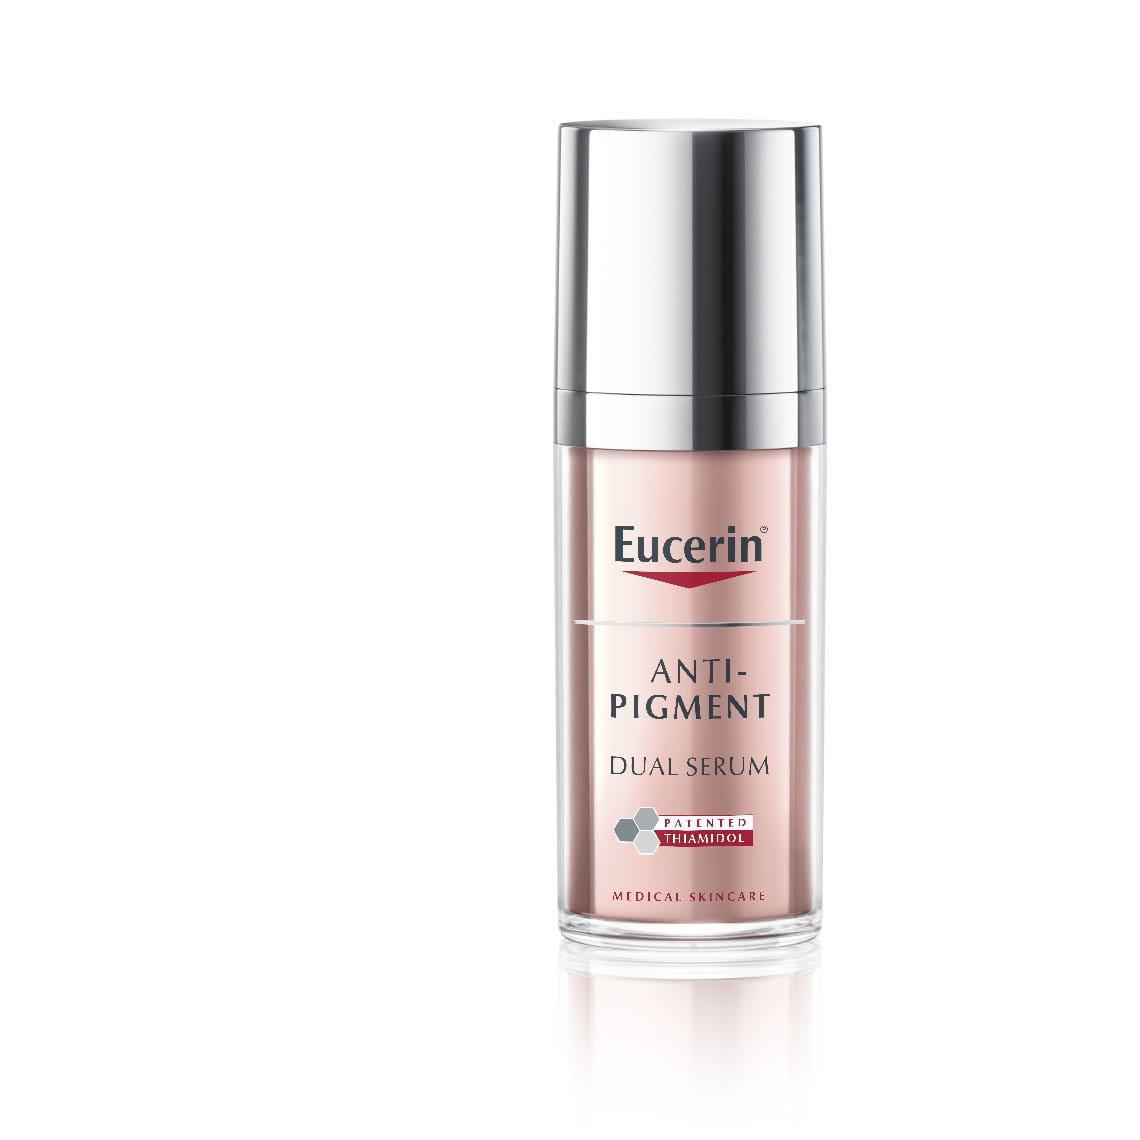 Eucerin Anti-Pigment Dual Serum